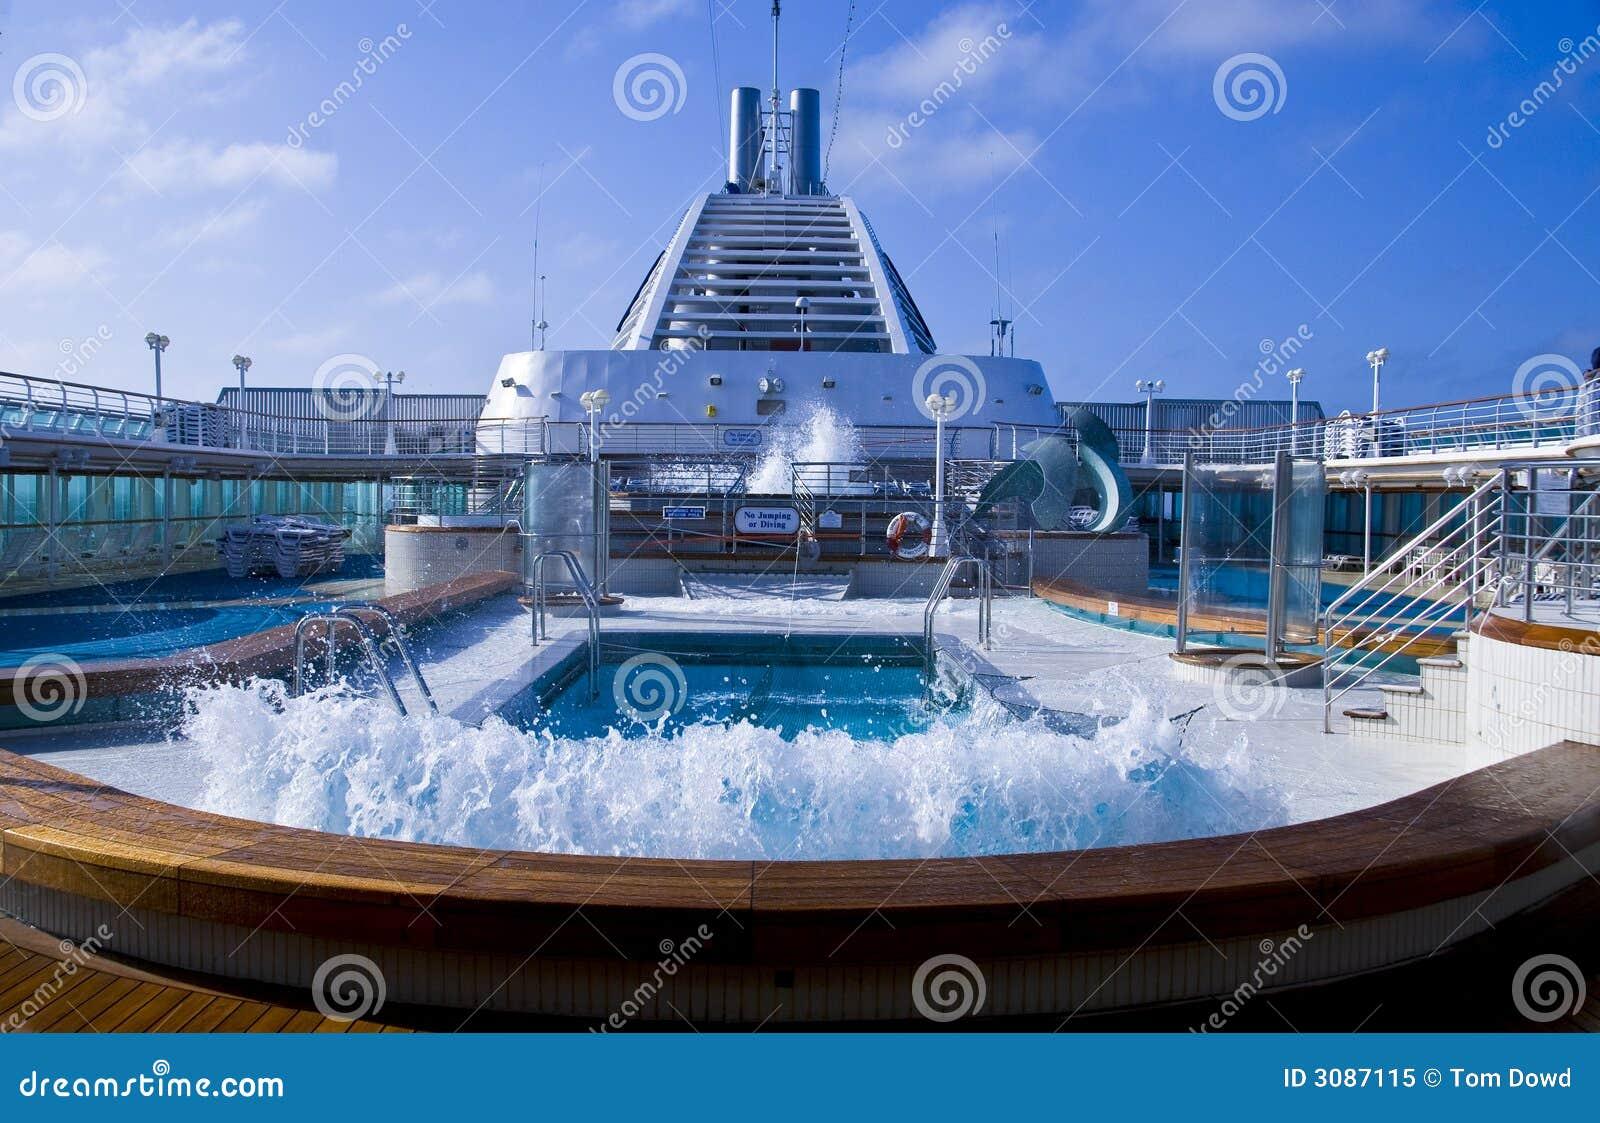 Cruise Ship Pool Wave Stock Image Image Of Railing Cruise 3087115